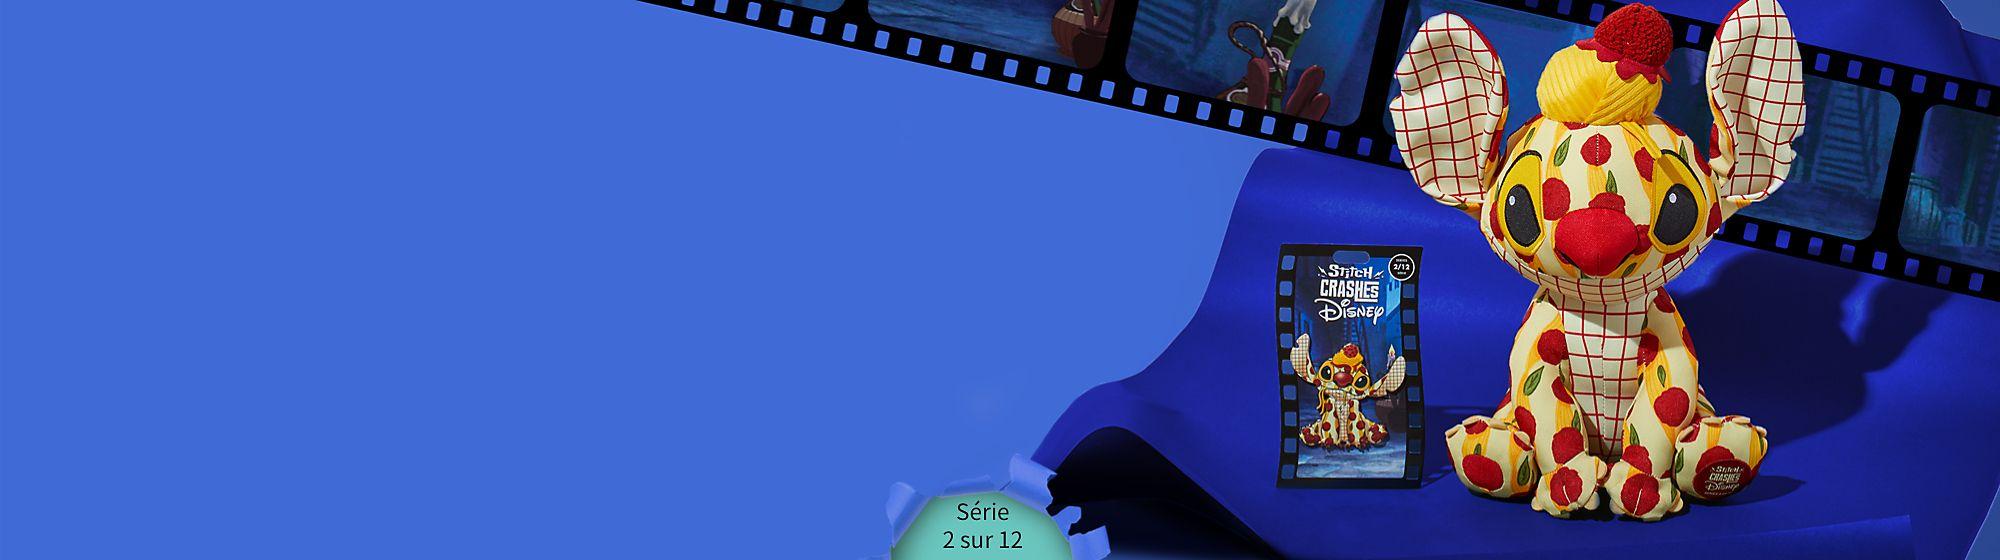 Prochainement ! Stitch s'incruste dans La Belle et le Clochard Collectionnez le pin's et la peluche de la série 2 sur 12 en édition limitée